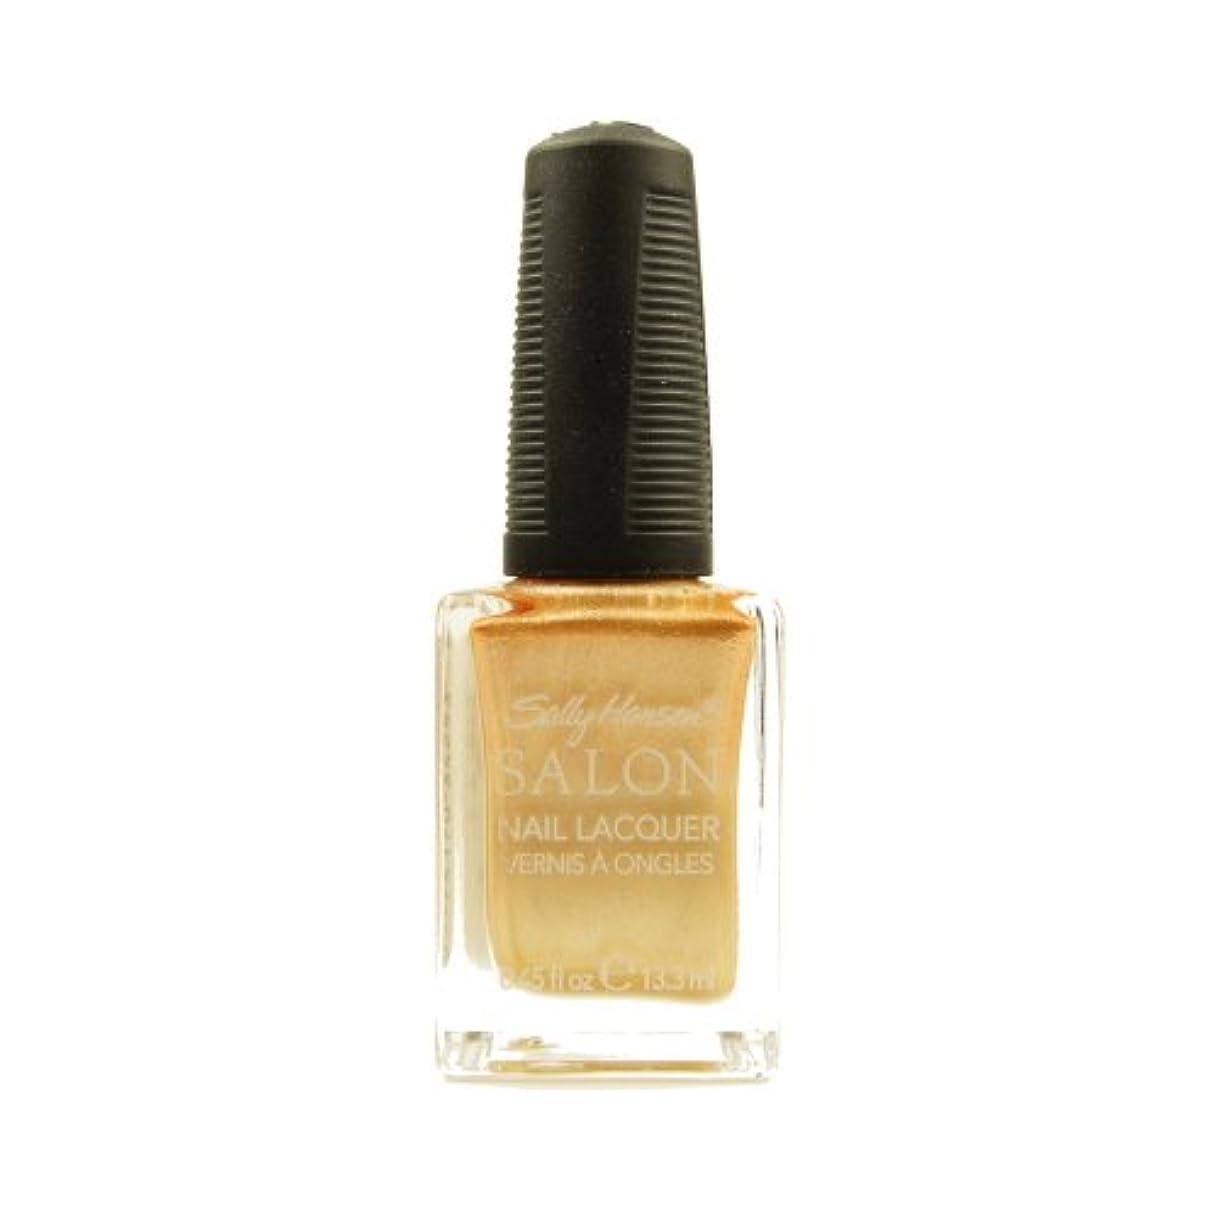 裕福な非互換笑(3 Pack) SALLY HANSEN Salon Nail Lacquer 4134 - Gilty Pleasure (並行輸入品)